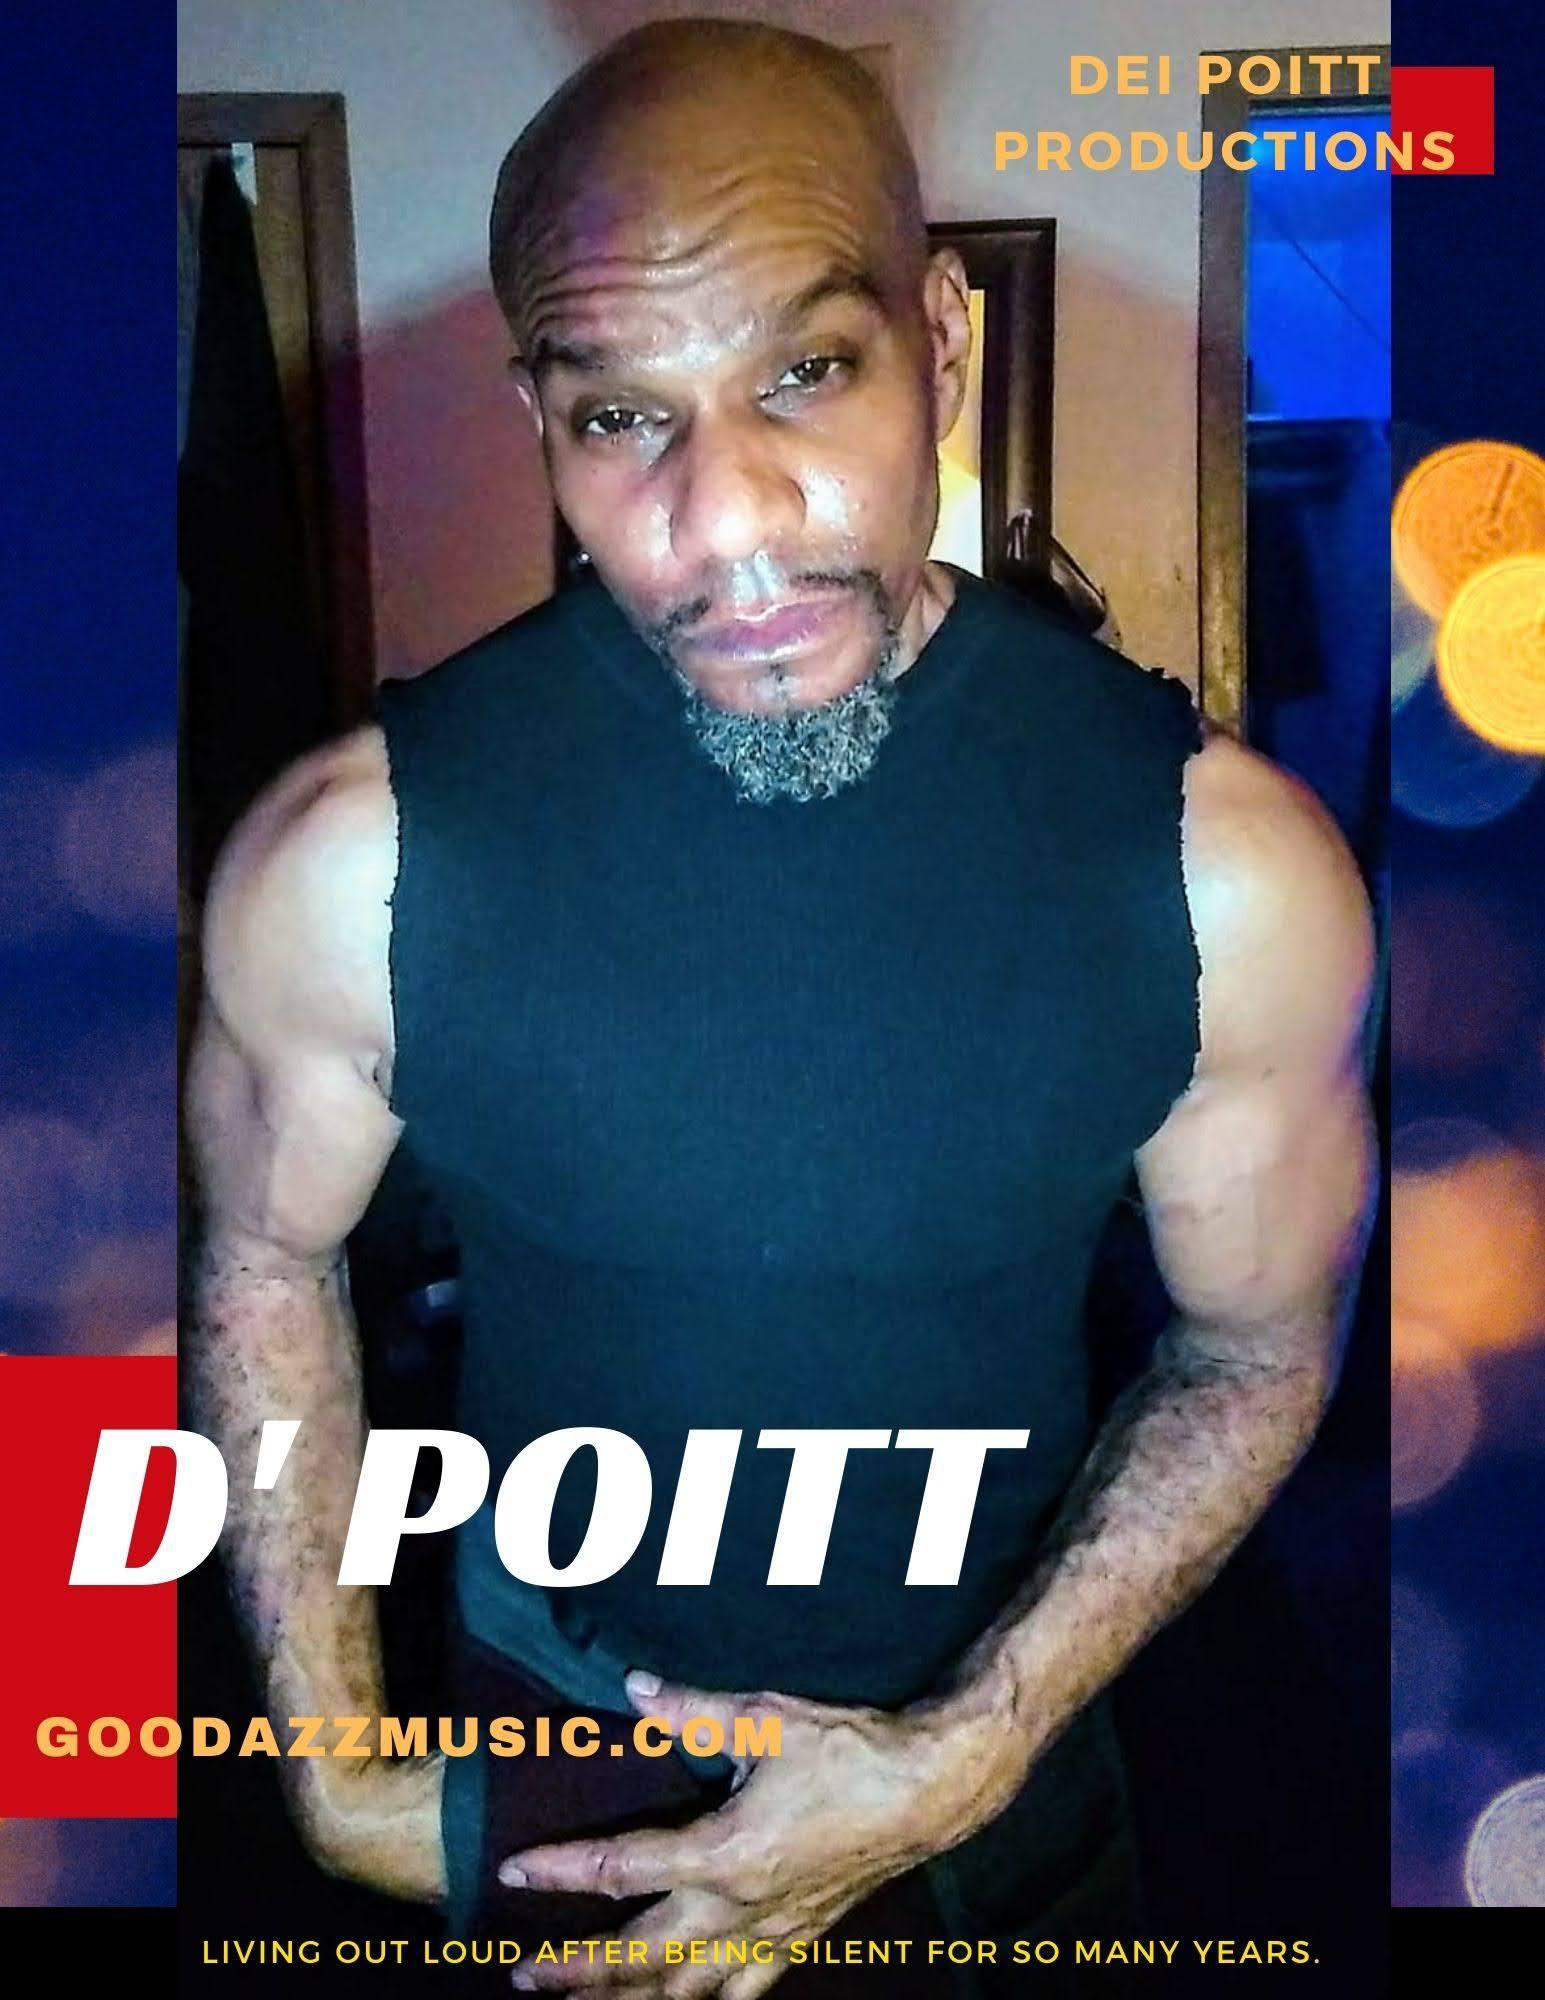 D' Poitt